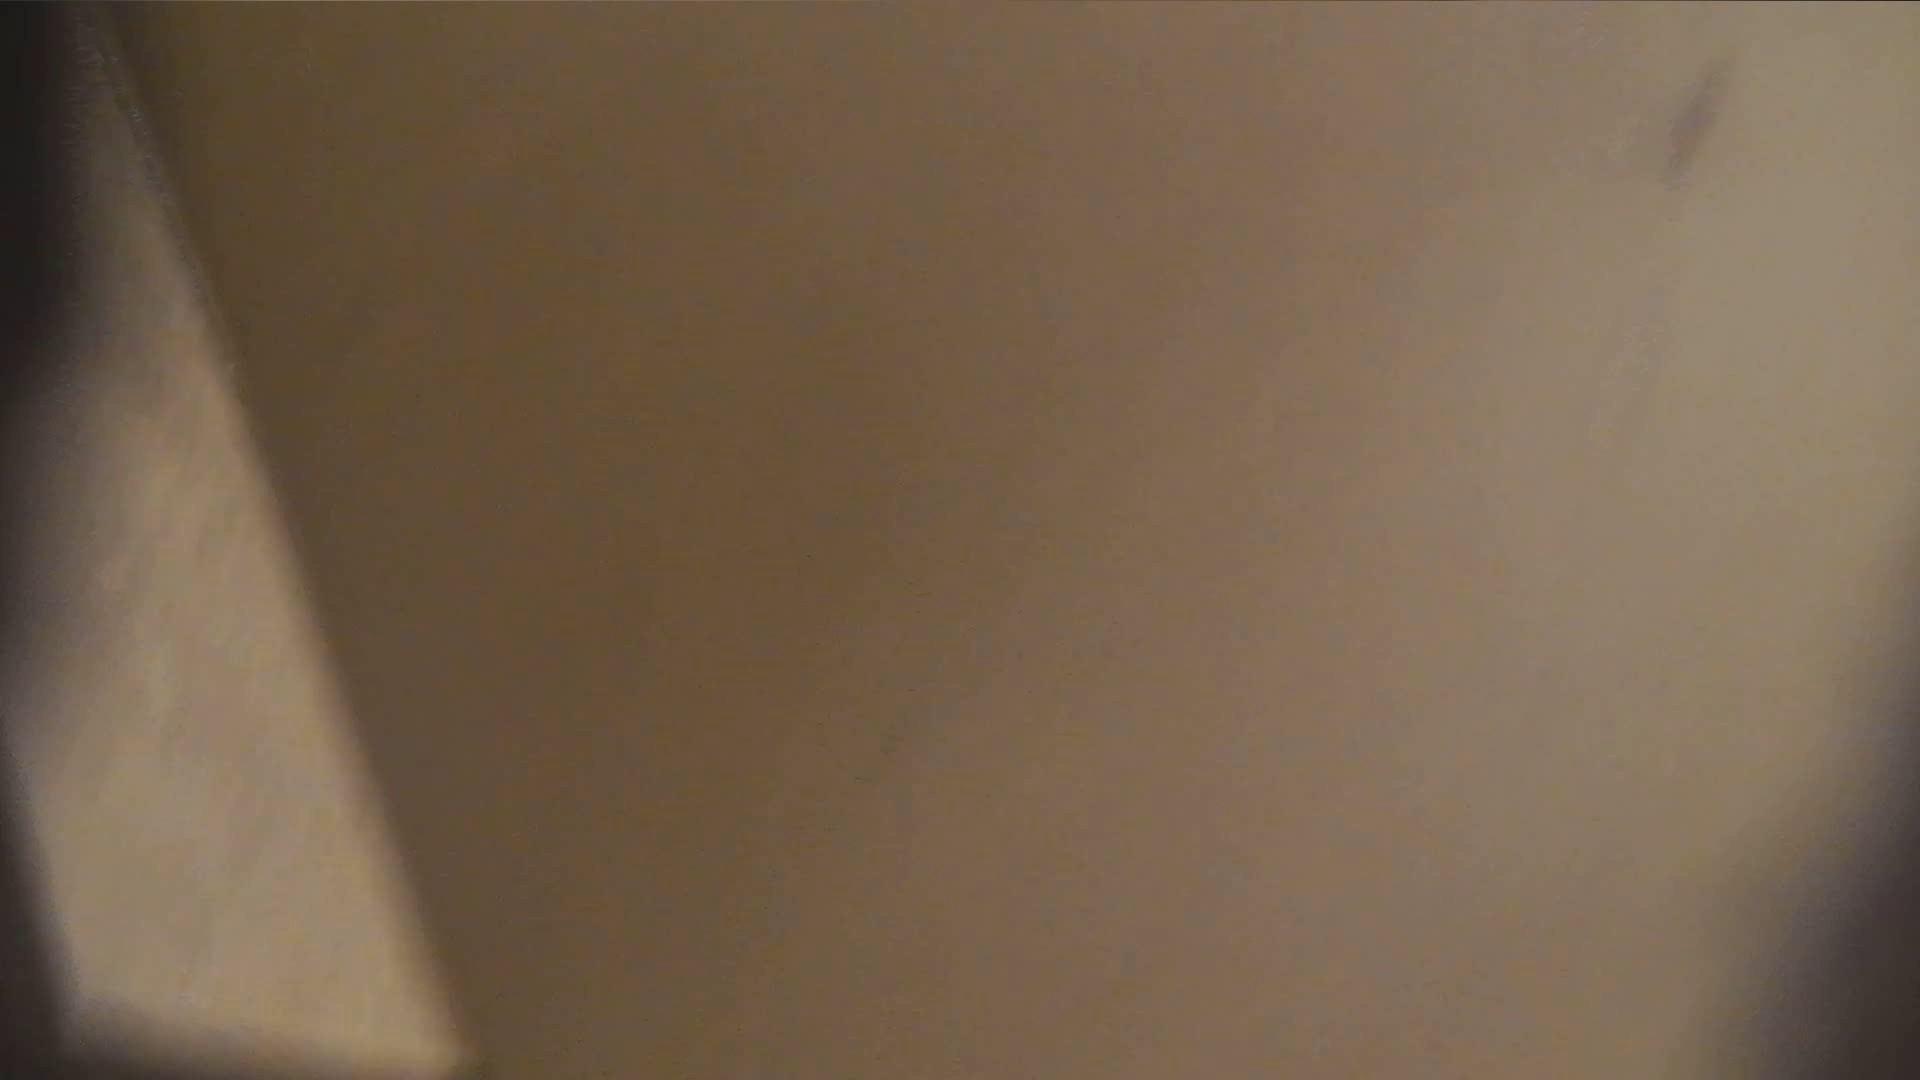 阿国ちゃんの「和式洋式七変化」No.17 洗面所   丸見えマンコ  95画像 92